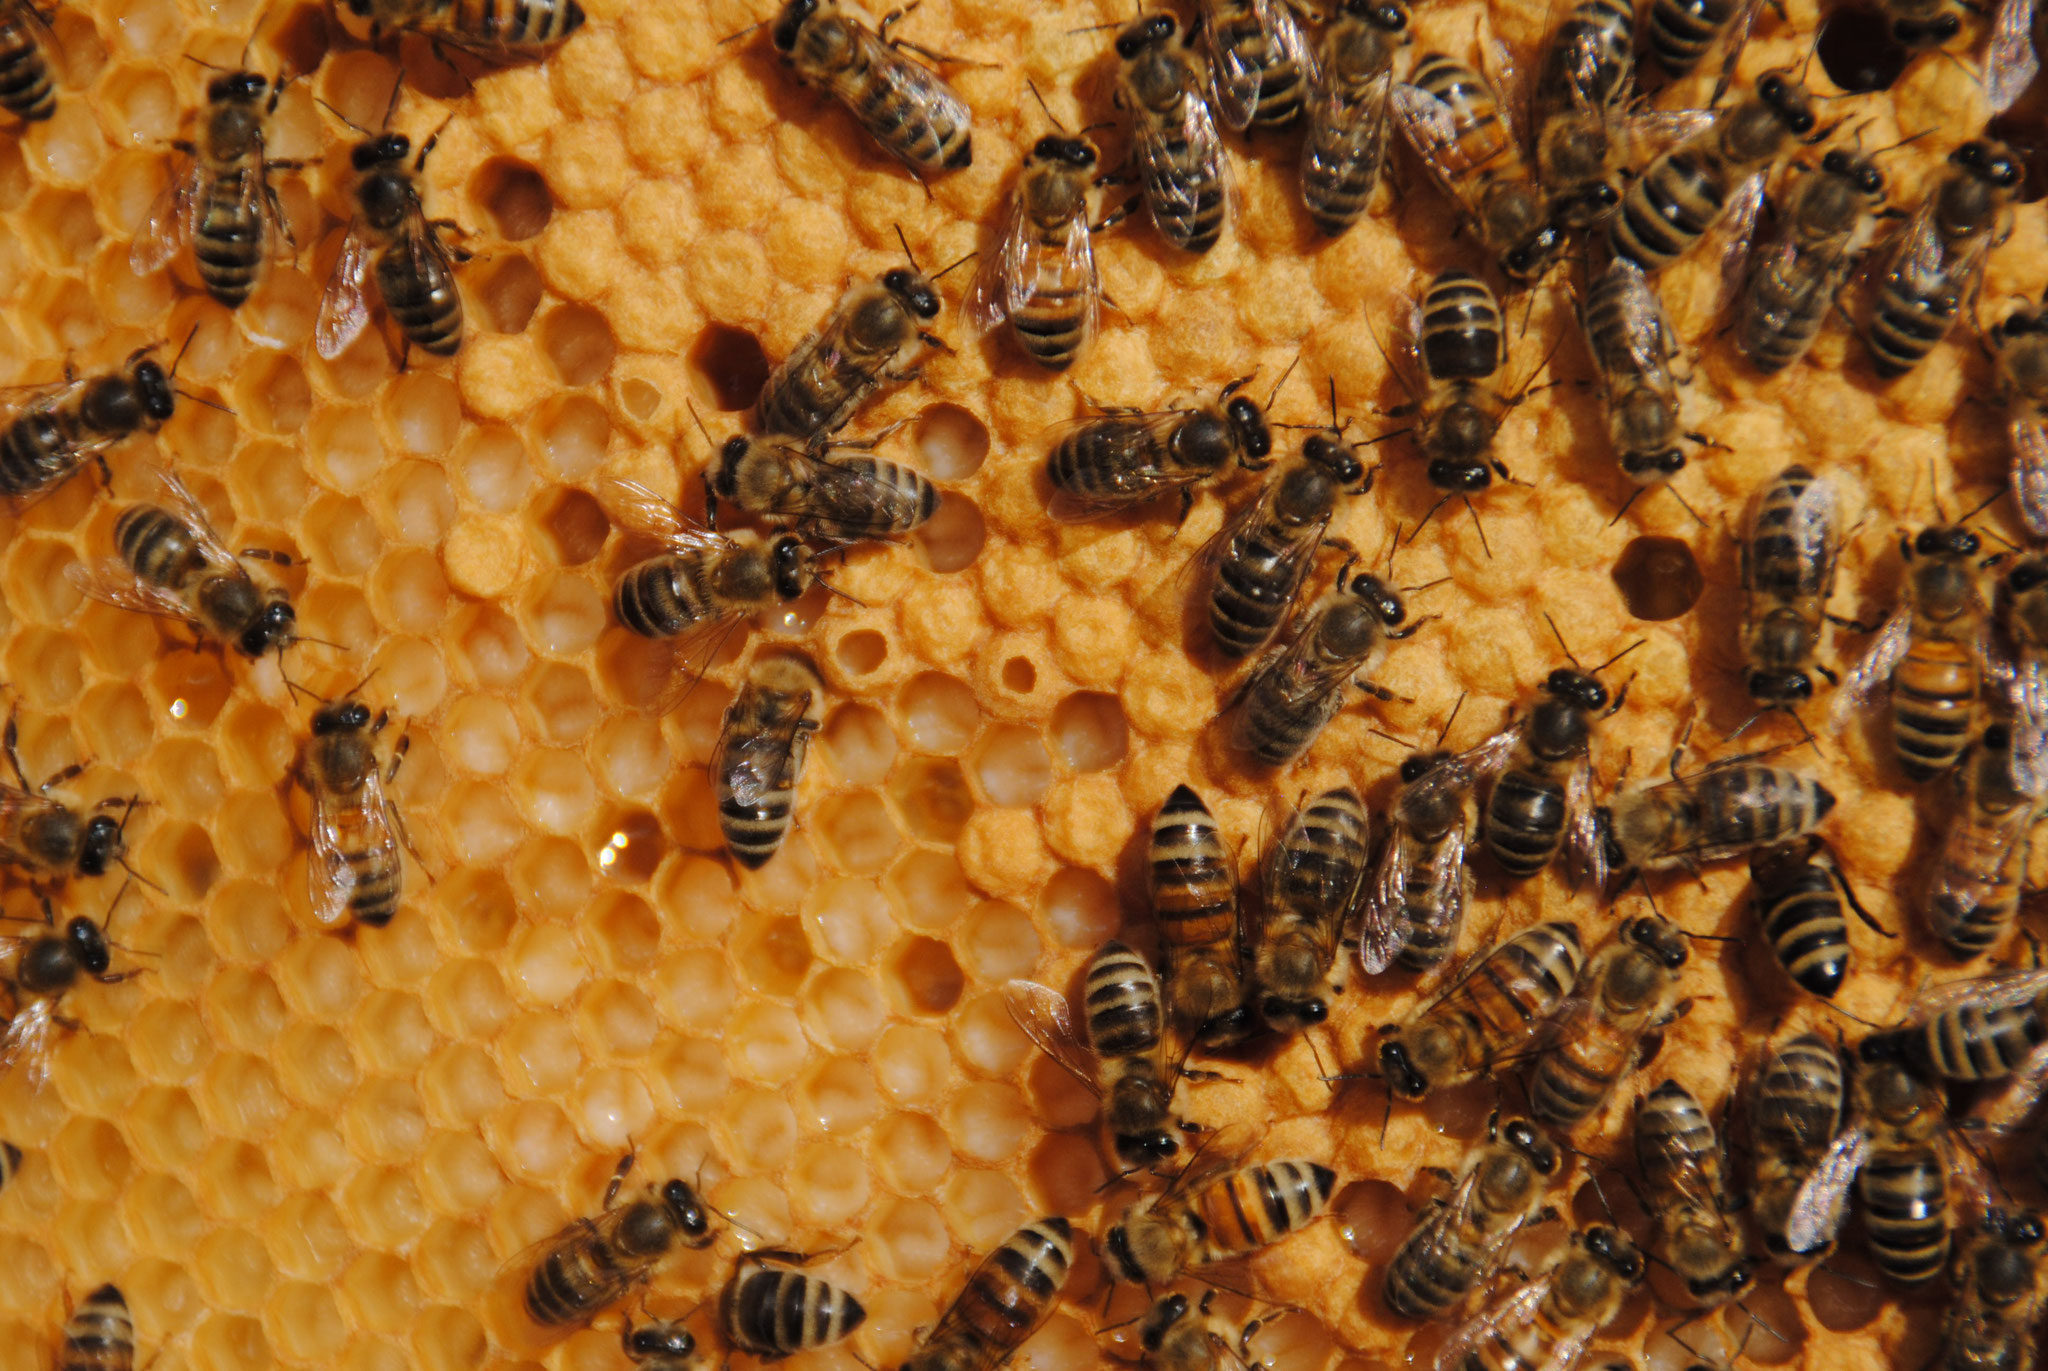 Eine Wabe mit offener Brut. Das weise sind Bienenlarfen.